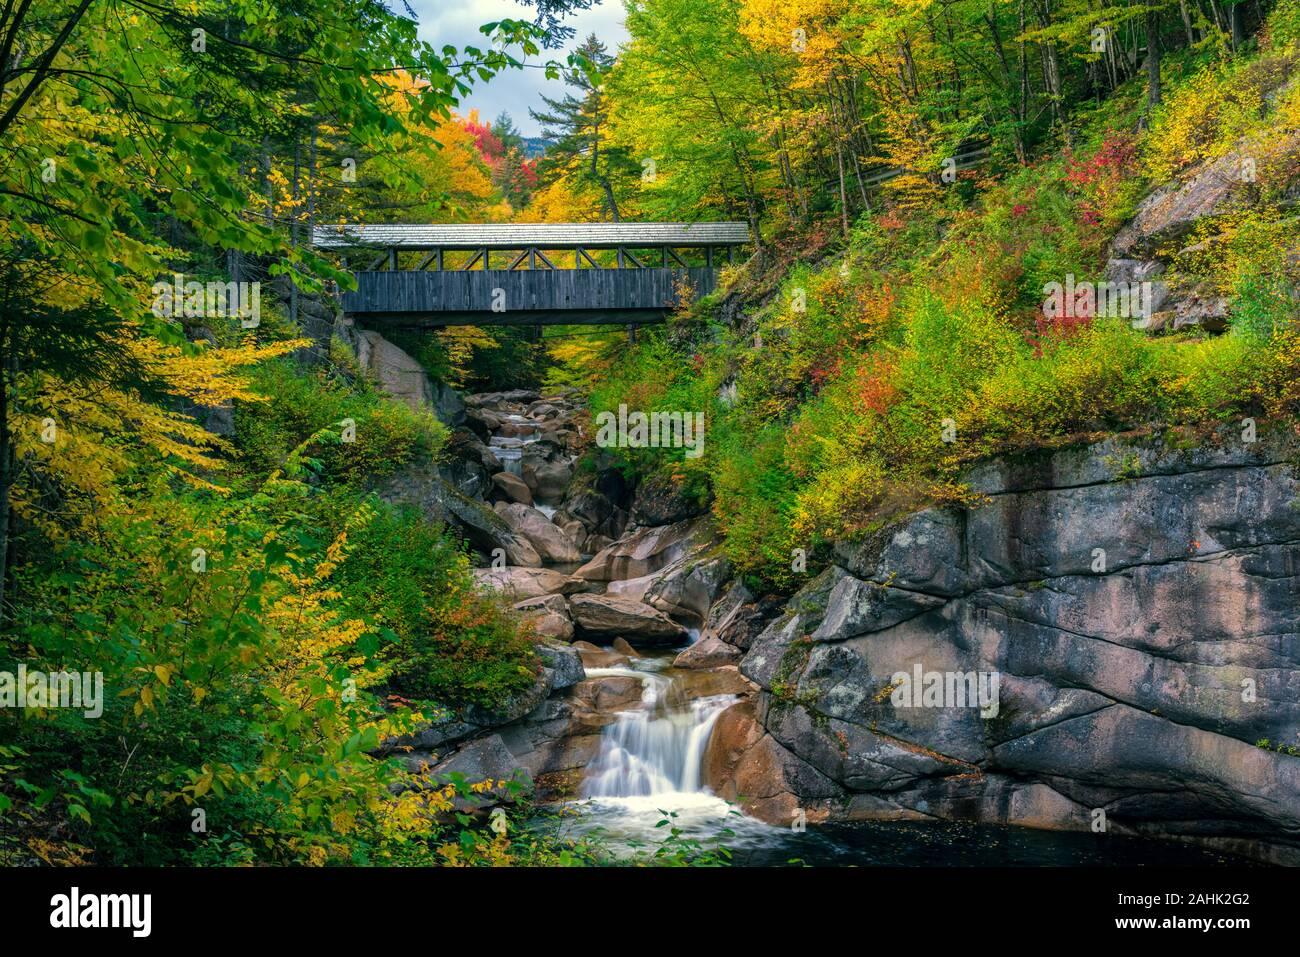 La Sentinella di Pino ponte di coperta si estende il fiume Pemigewasset in Flume Gorge, vicino a Lincoln, NH. Foto Stock